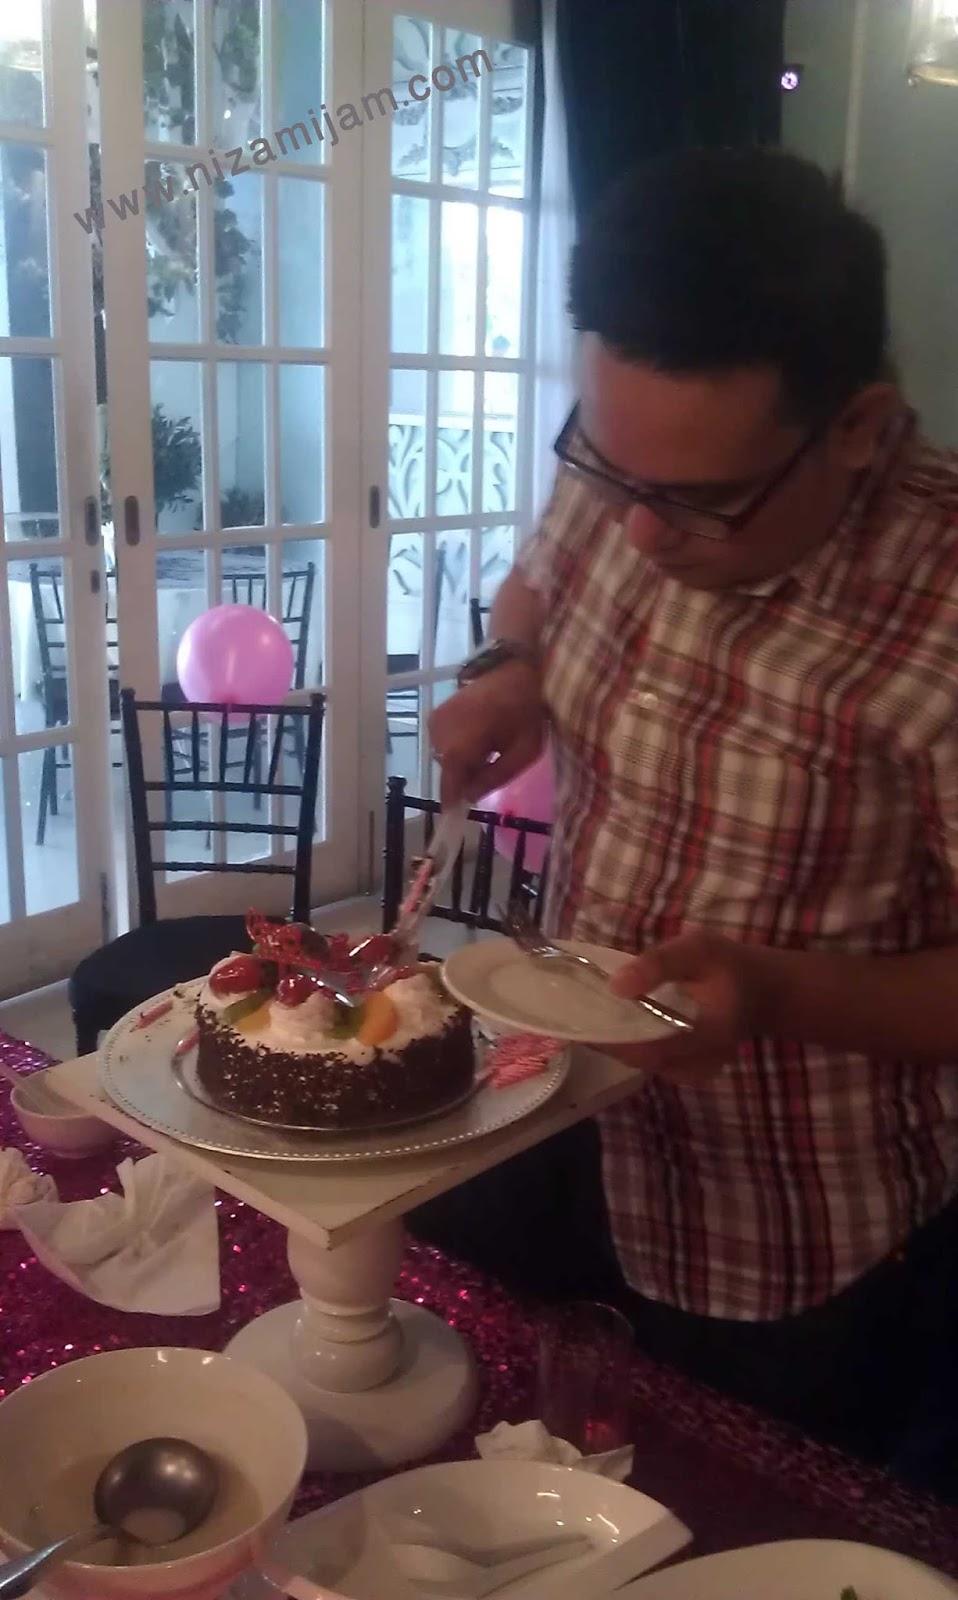 flora kafe, ampwalk, jalan ampang, kuala lumpur, malaysia, lunch, tempat makan, sedap, birthday, kek, kek murah, sambutan hari lahir